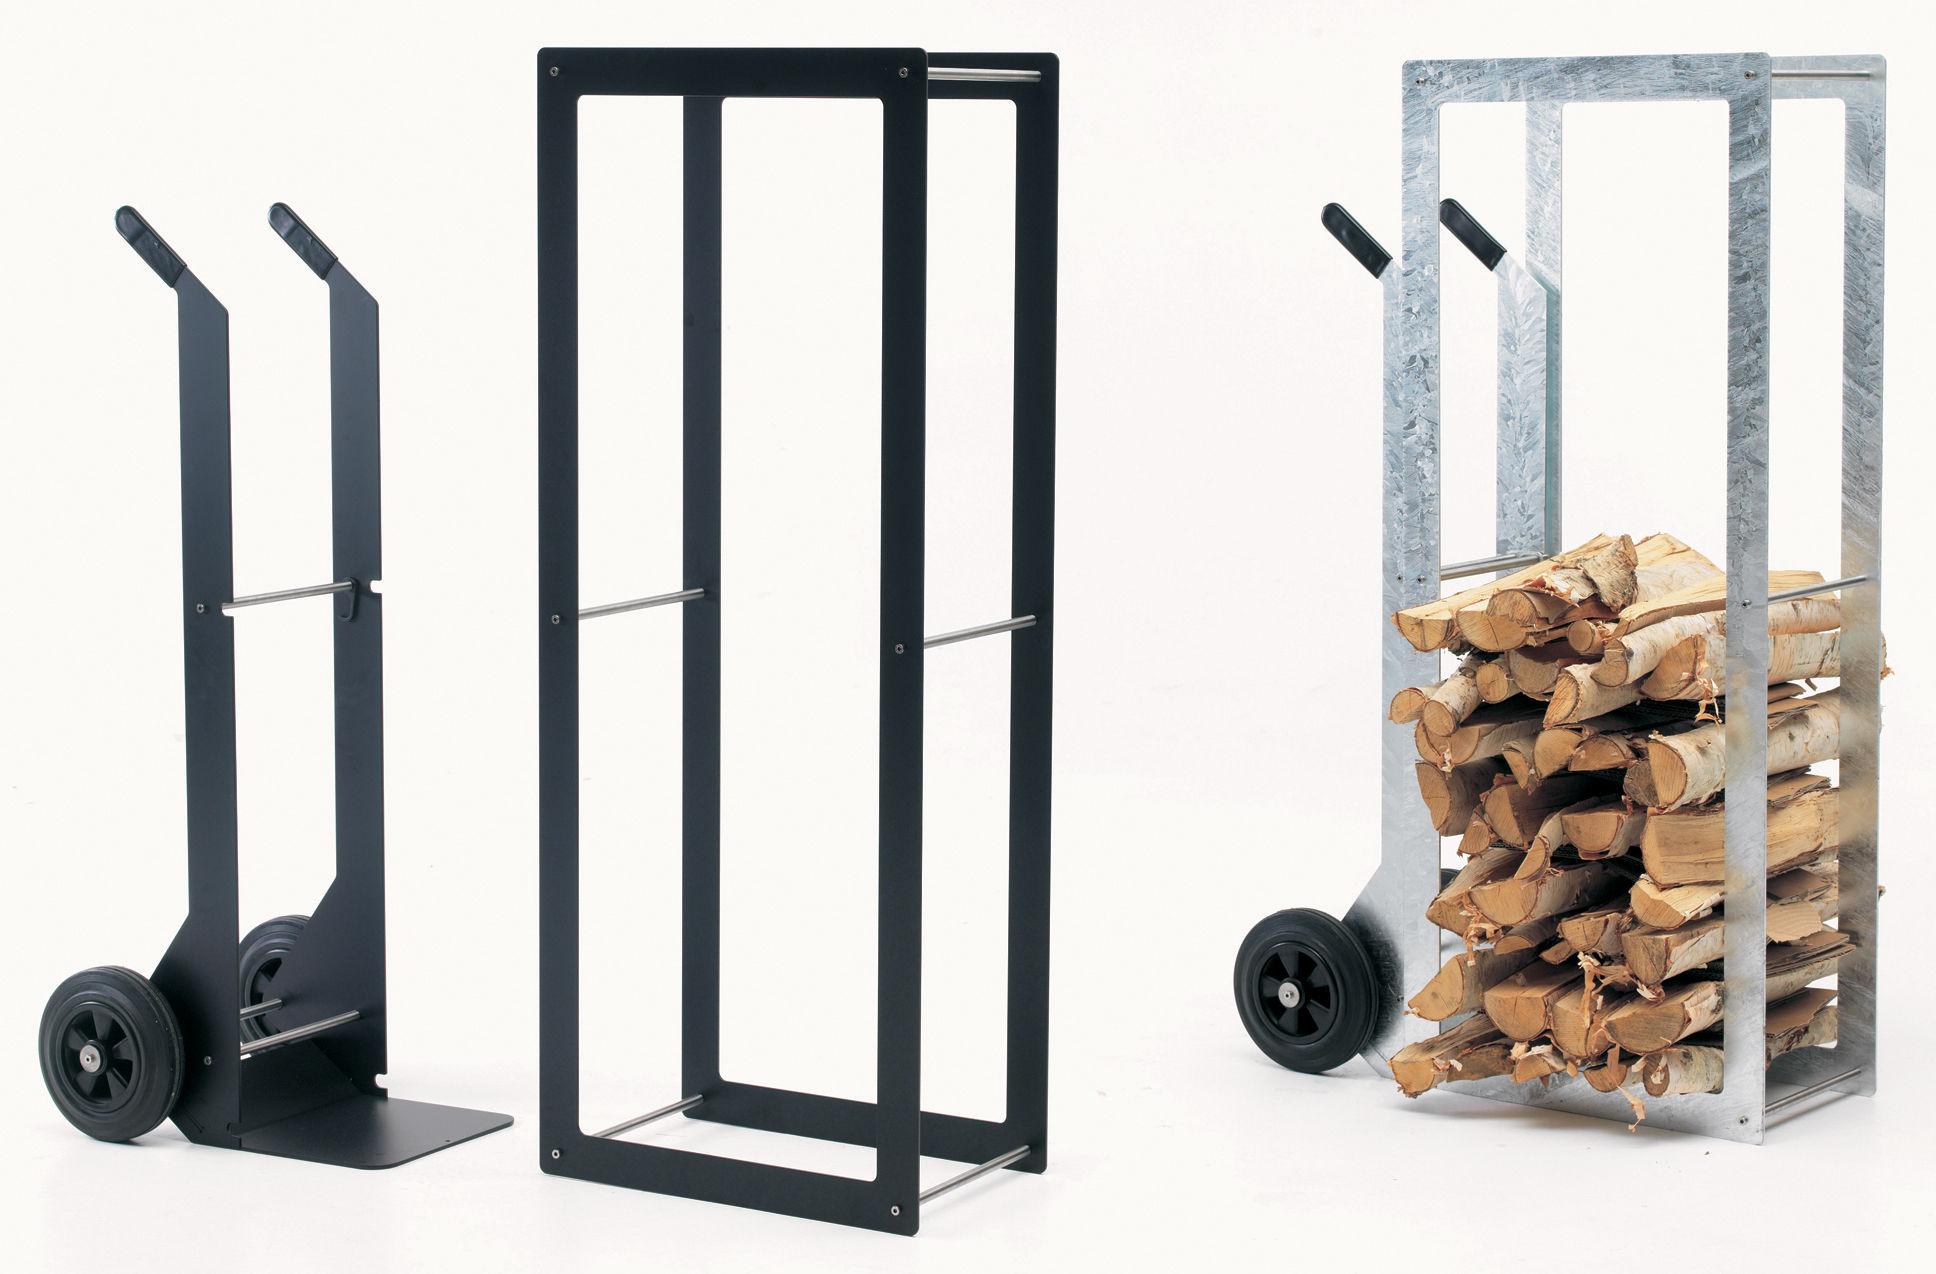 Porte b ches woodstock acier int rieur ext rieur for Range buches interieur design